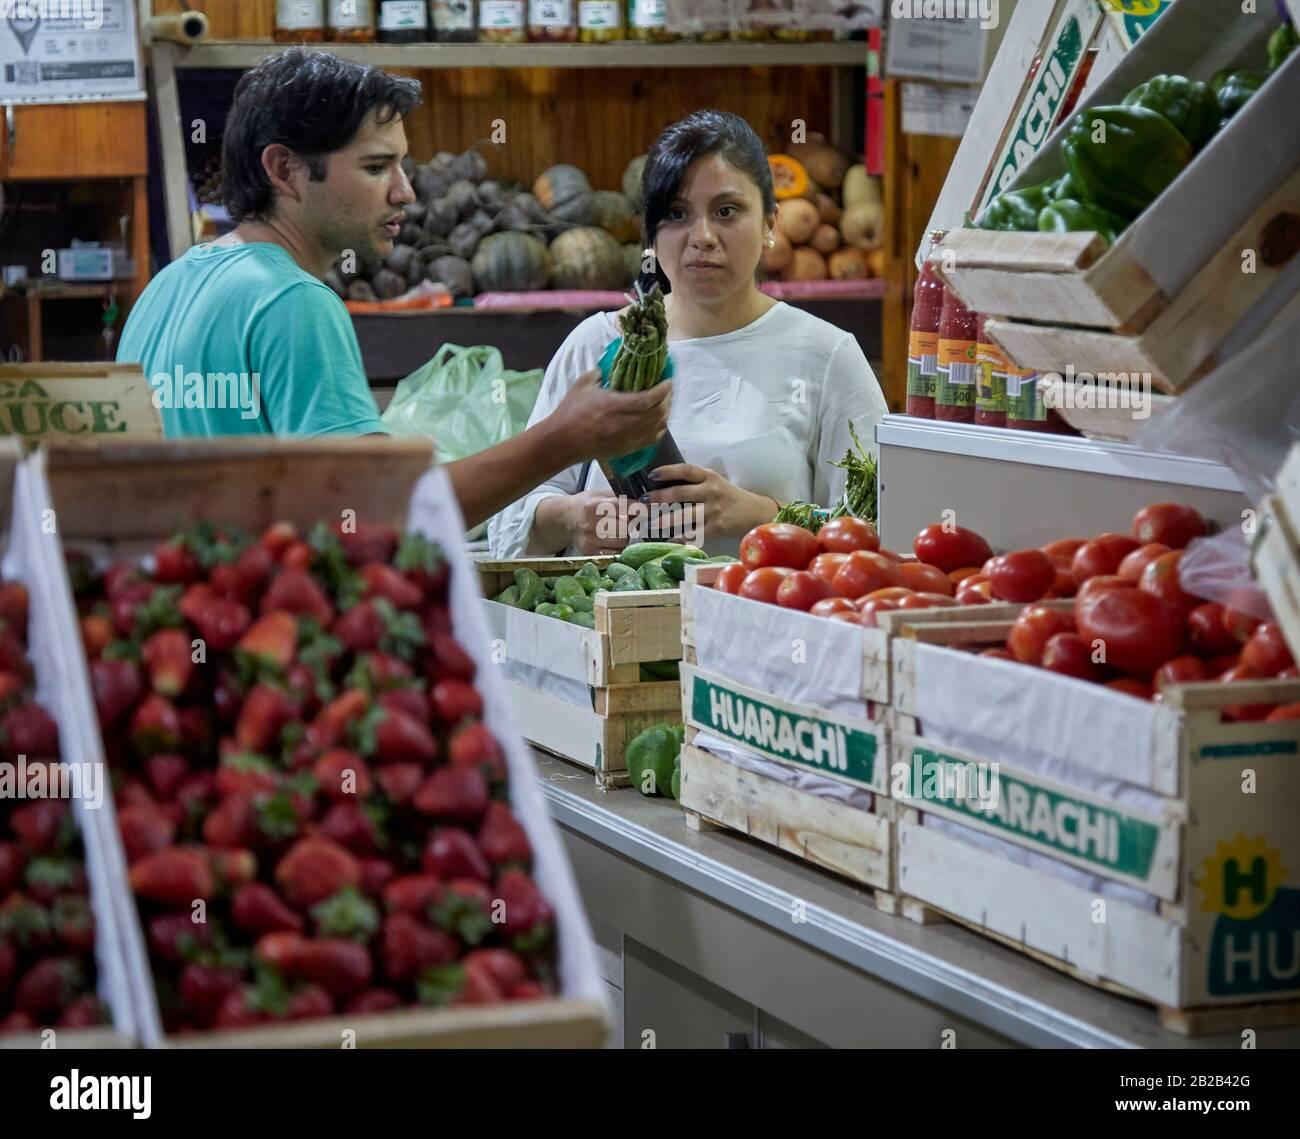 MENDOZA, ARGENTINA, 19/12/2017. Greengrocery, vendita di verdure e frutta, Mercado Central, Mendoza City. Foto: Axel Lloret / www.allofotografia.co Foto Stock